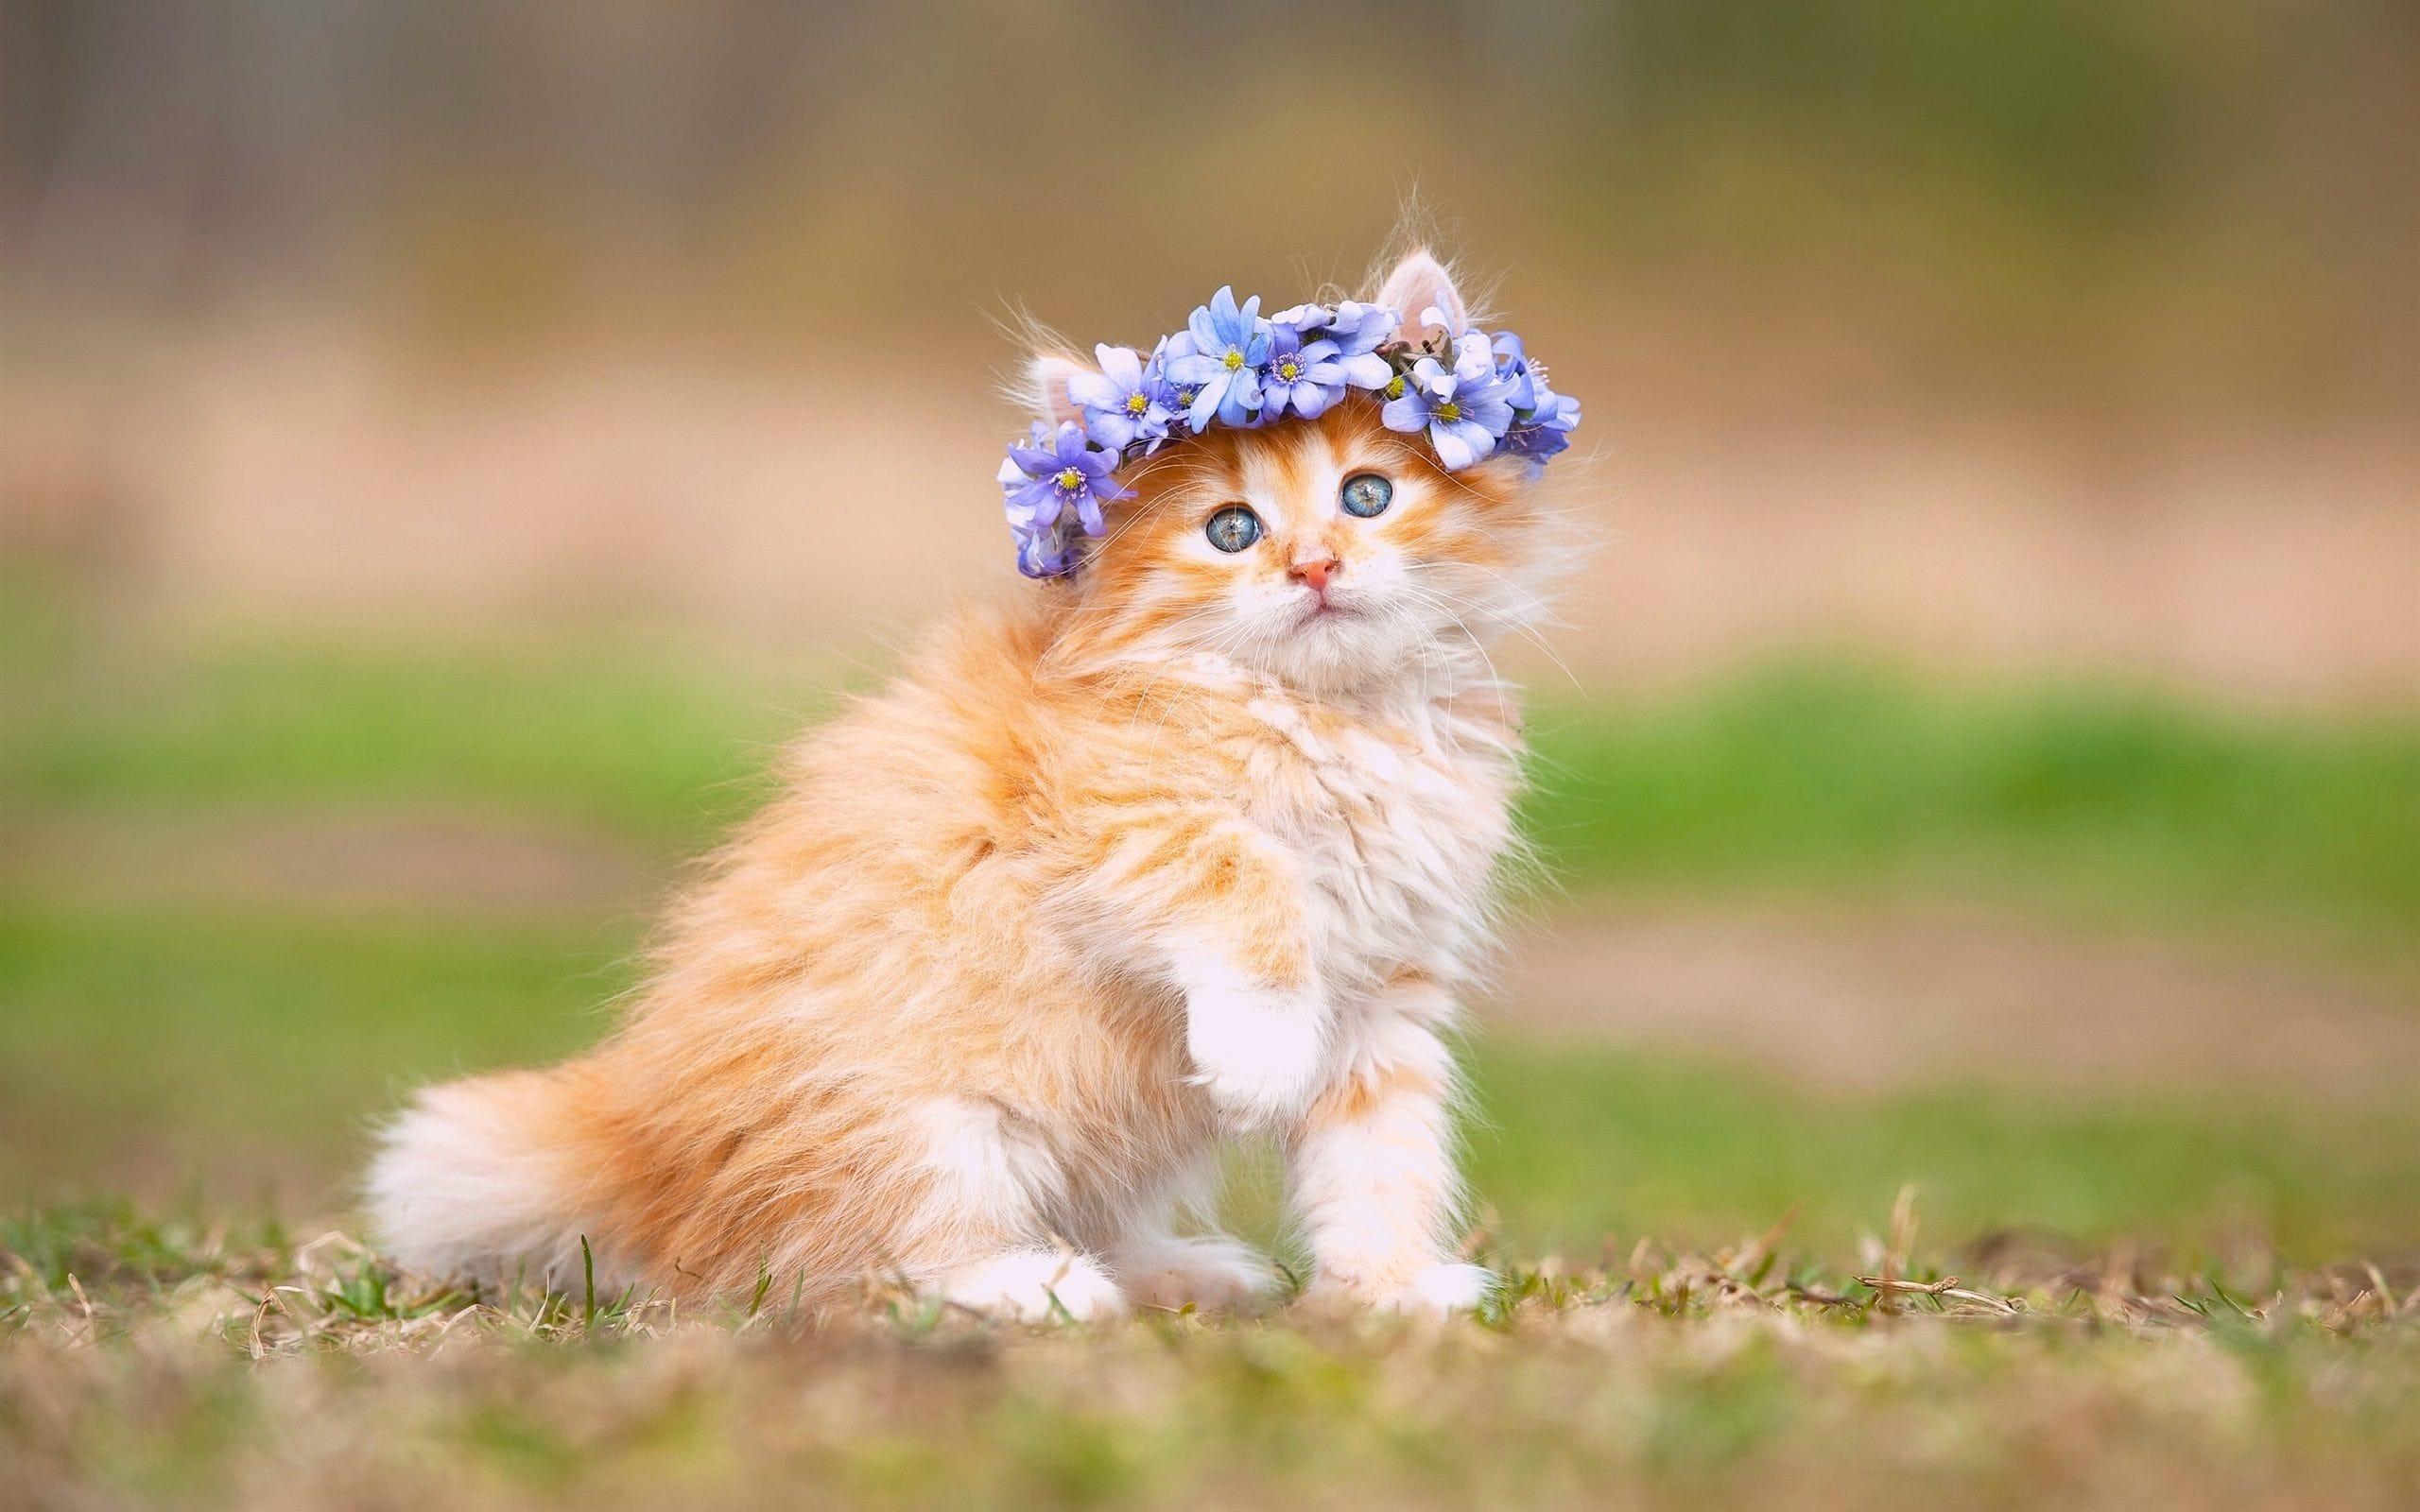 Hình ảnh chú mèo con cực đẹp khi được chủ nhân đeo chiếc vòng hoa trên đầu